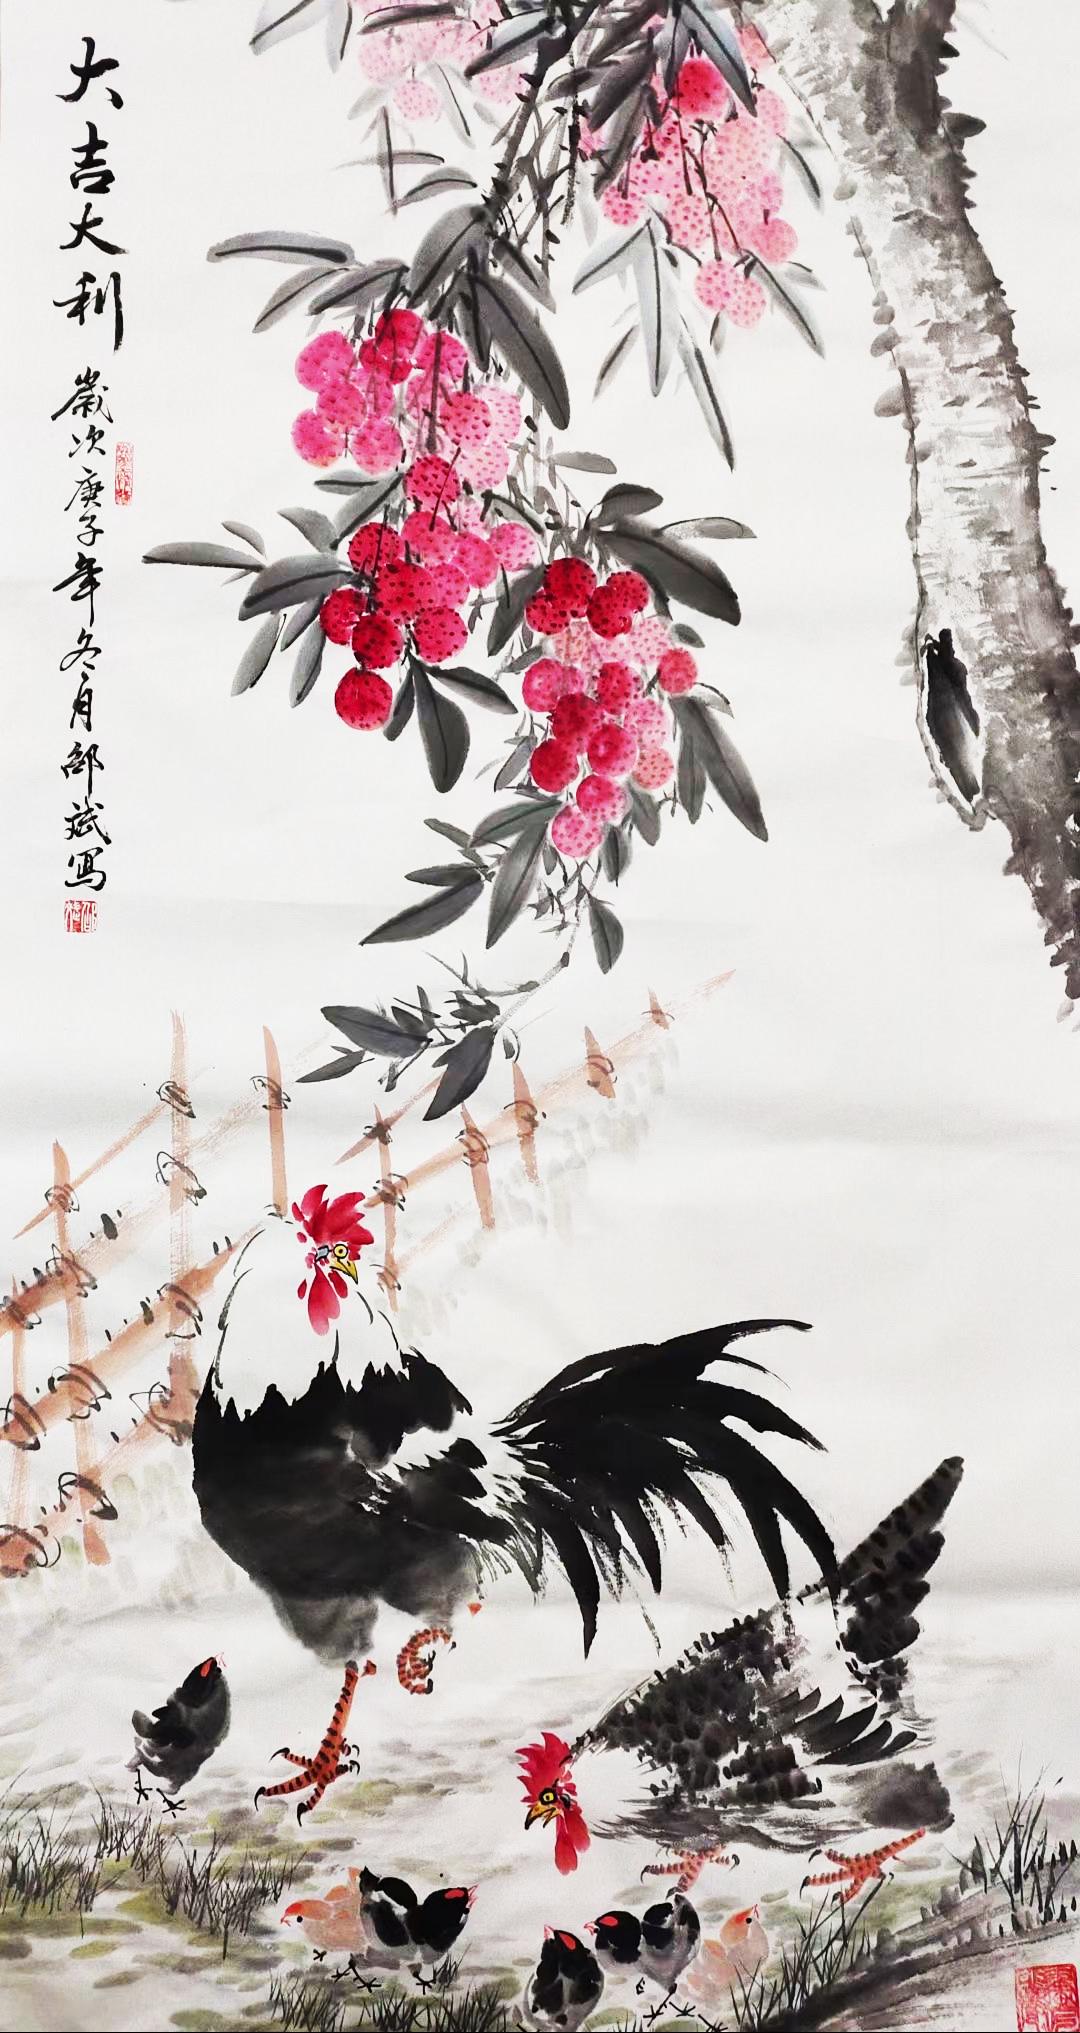 中国水墨画 大吉大利 荔枝公鸡国画 岁次庚子年冬月邵斌写